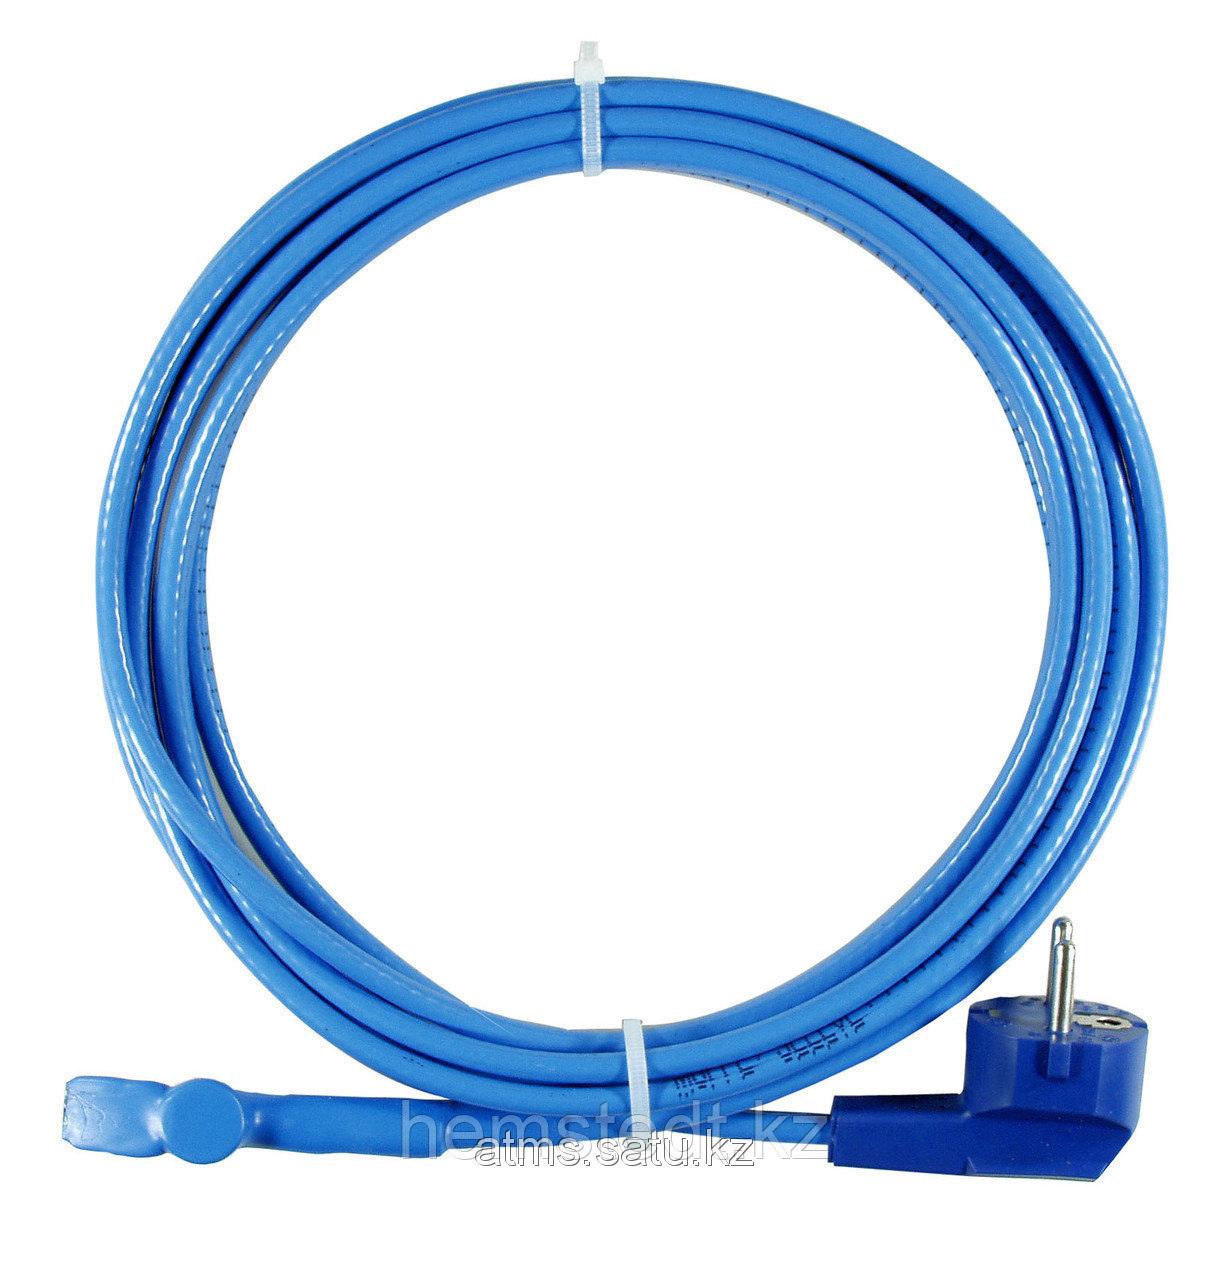 Кабель Hemstedt FS для защиты трубопроводов от замерзания с термоограничителем 5м